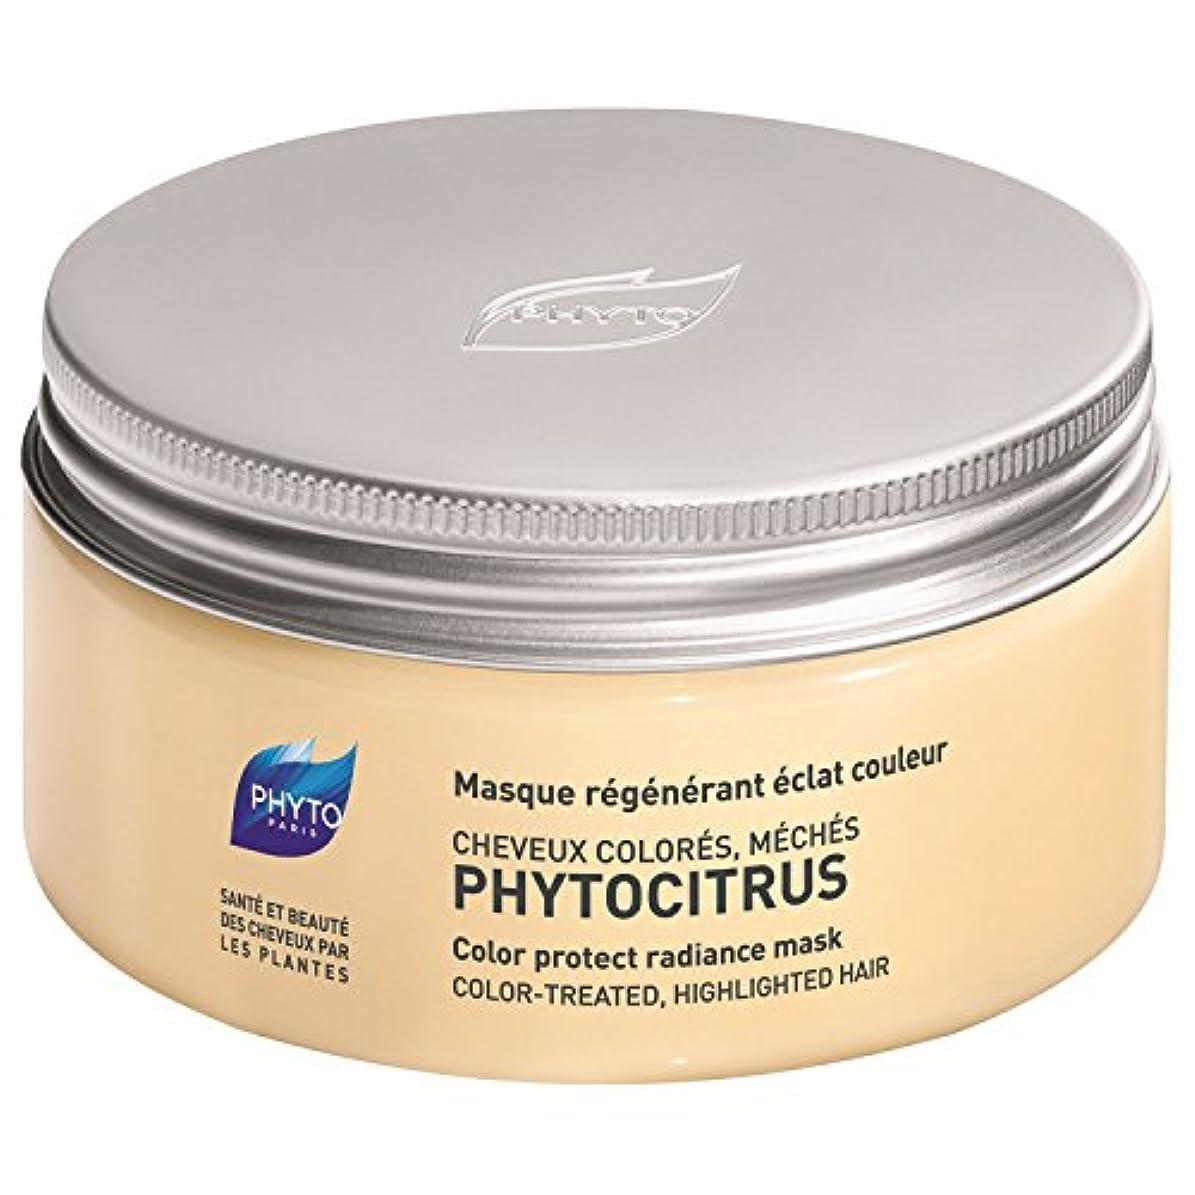 パスマインドずっとフィトPhytocitrus色保護放射輝度マスク200ミリリットル (Phyto) - Phyto Phytocitrus Colour Protect Radiance Mask 200ml [並行輸入品]